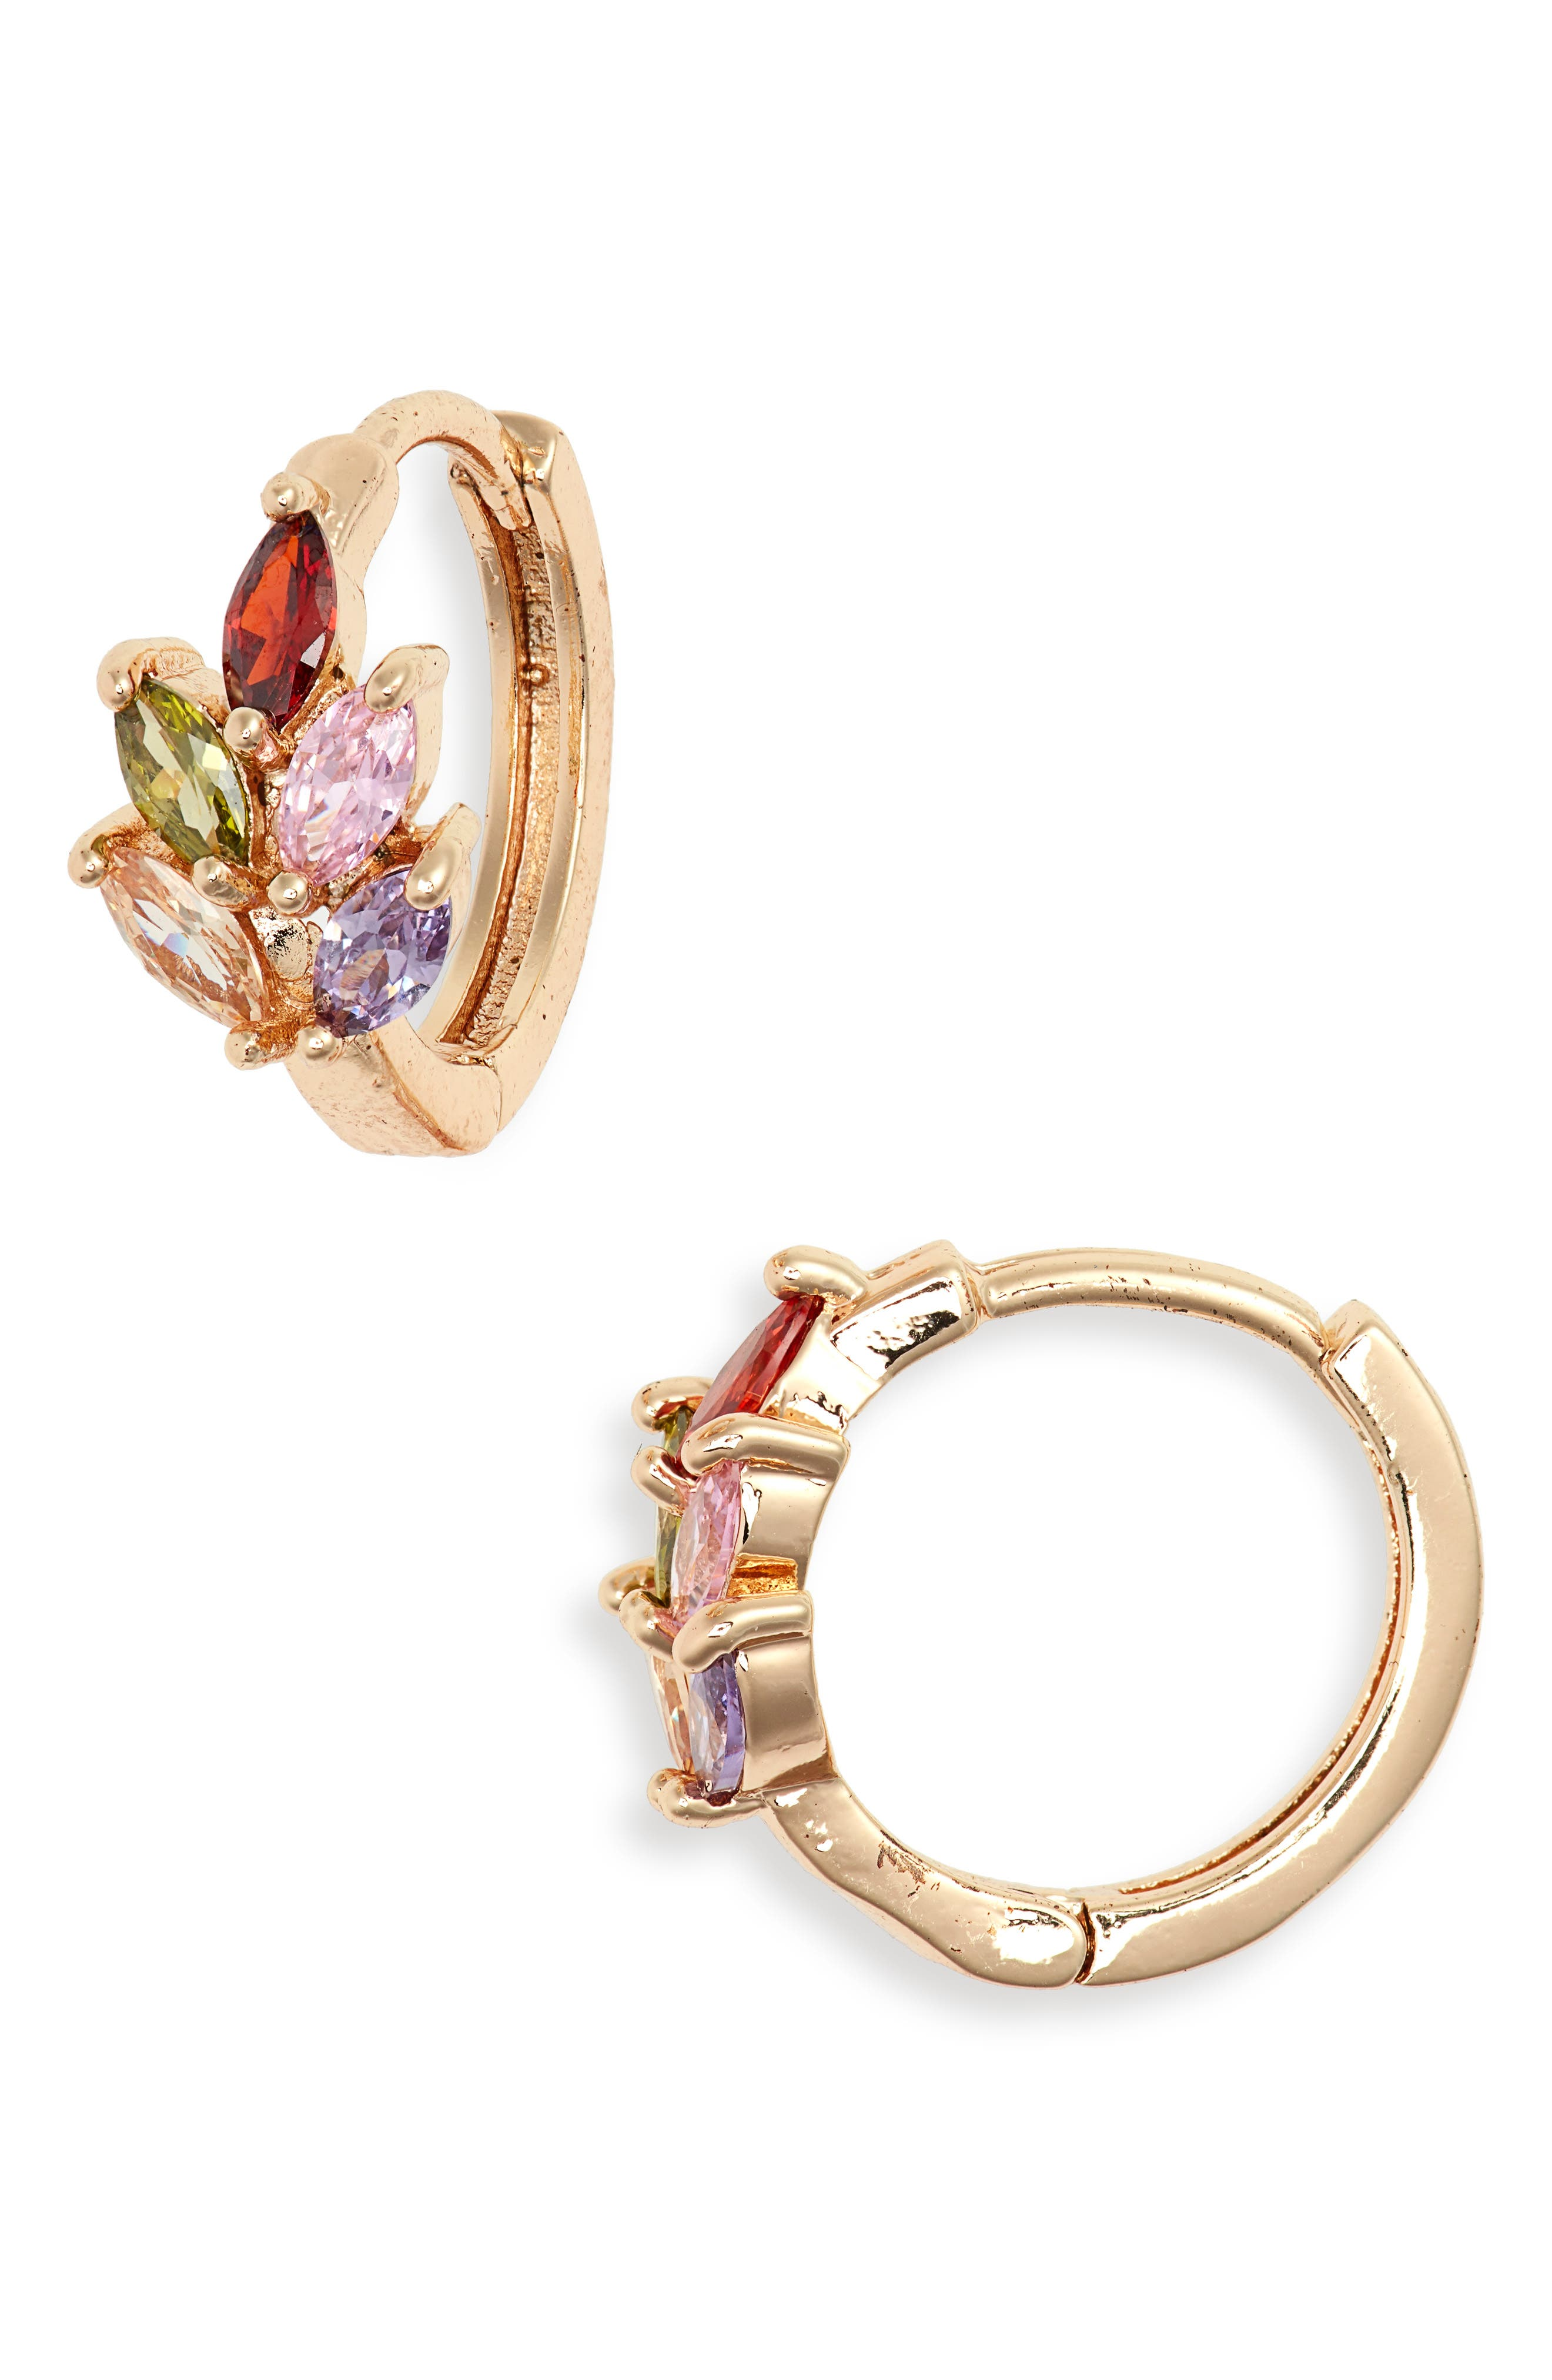 AREA STARS Crystal Huggie Hoop Earrings, Main, color, 710